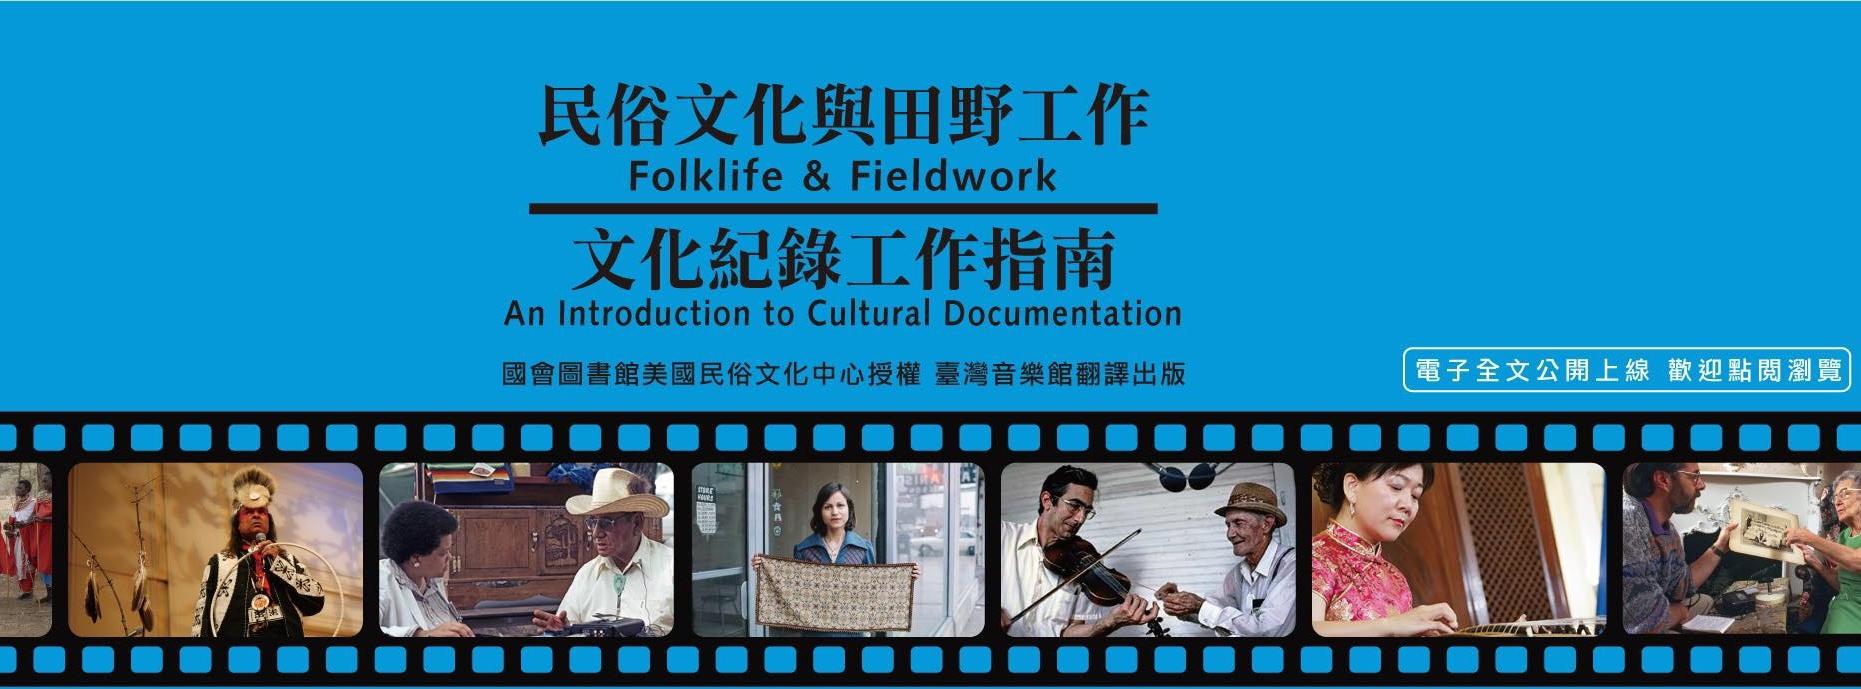 《民俗文化與田野工作:文化紀錄工作指南》電子全文開放瀏覽、下載[另開新視窗]